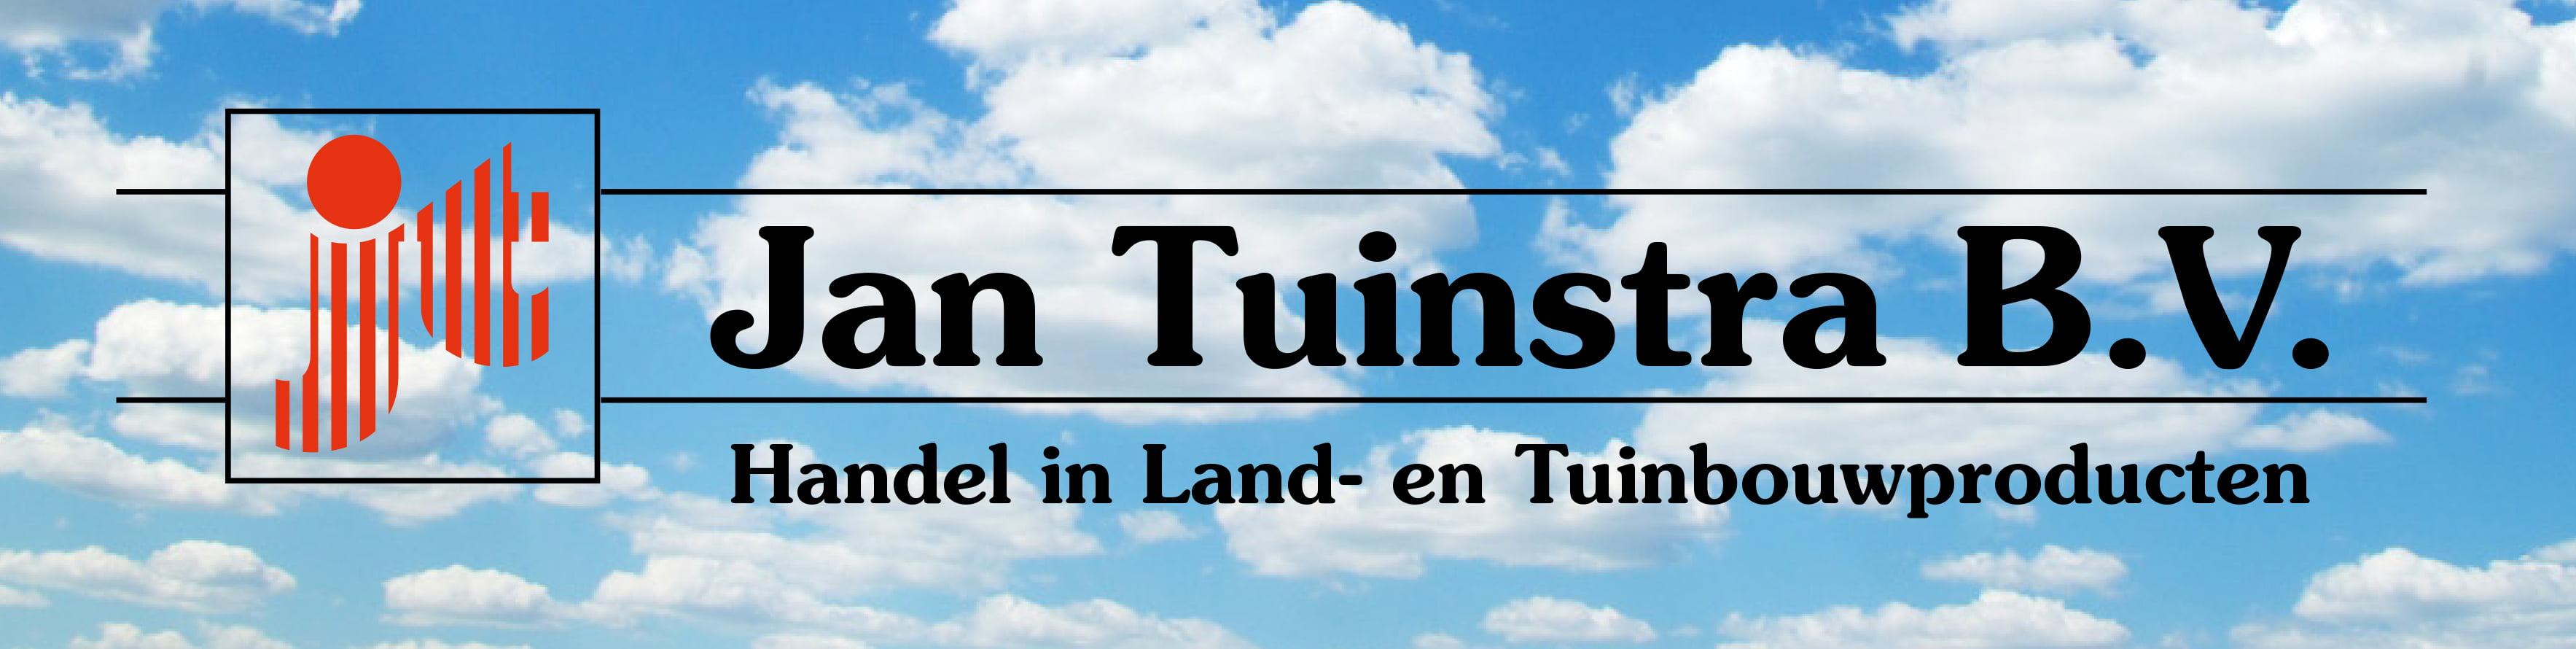 Tuinstra